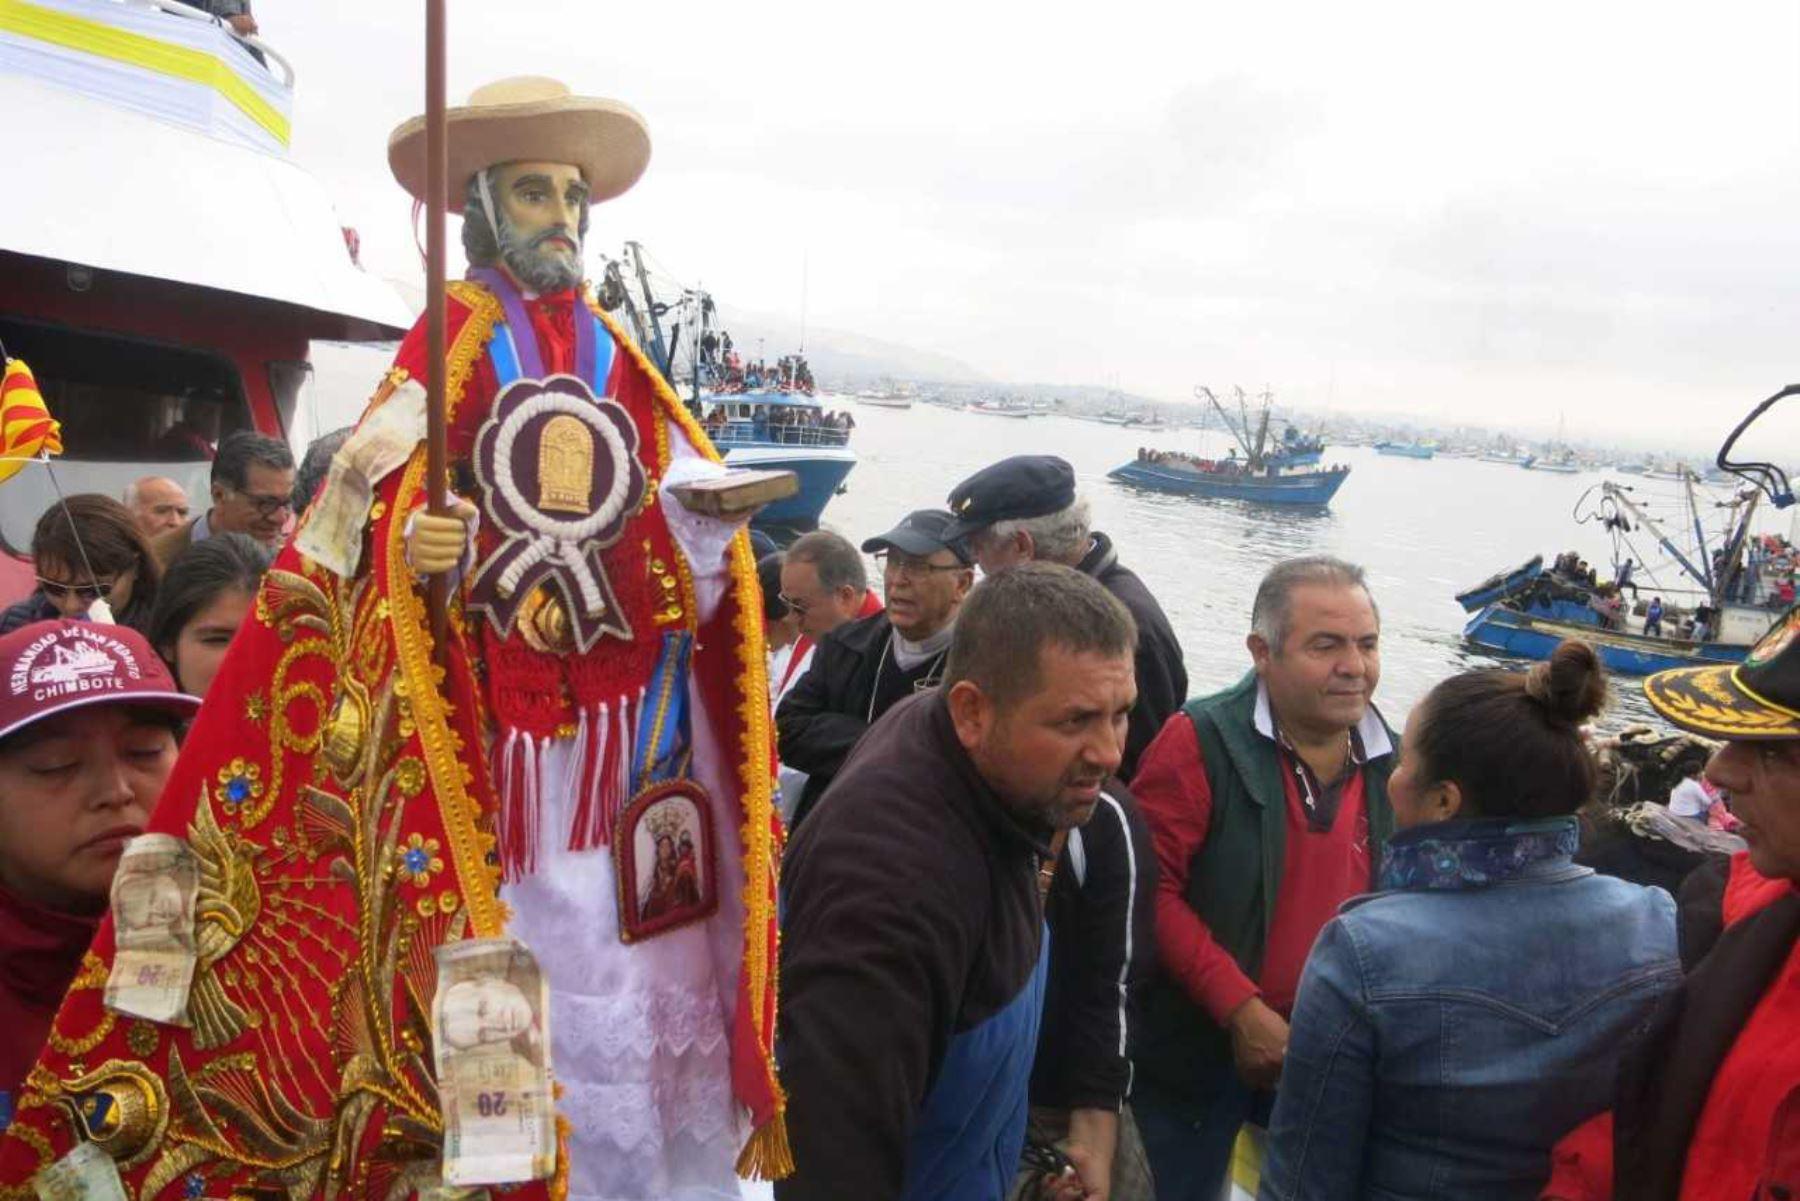 """La tradicional fiesta patronal de Chimbote en honor a """"San Pedrito"""" ha sido declarada de """"interés nacional"""" por la mayoría del pleno del Congreso de la República.ANDINA/Difusión"""